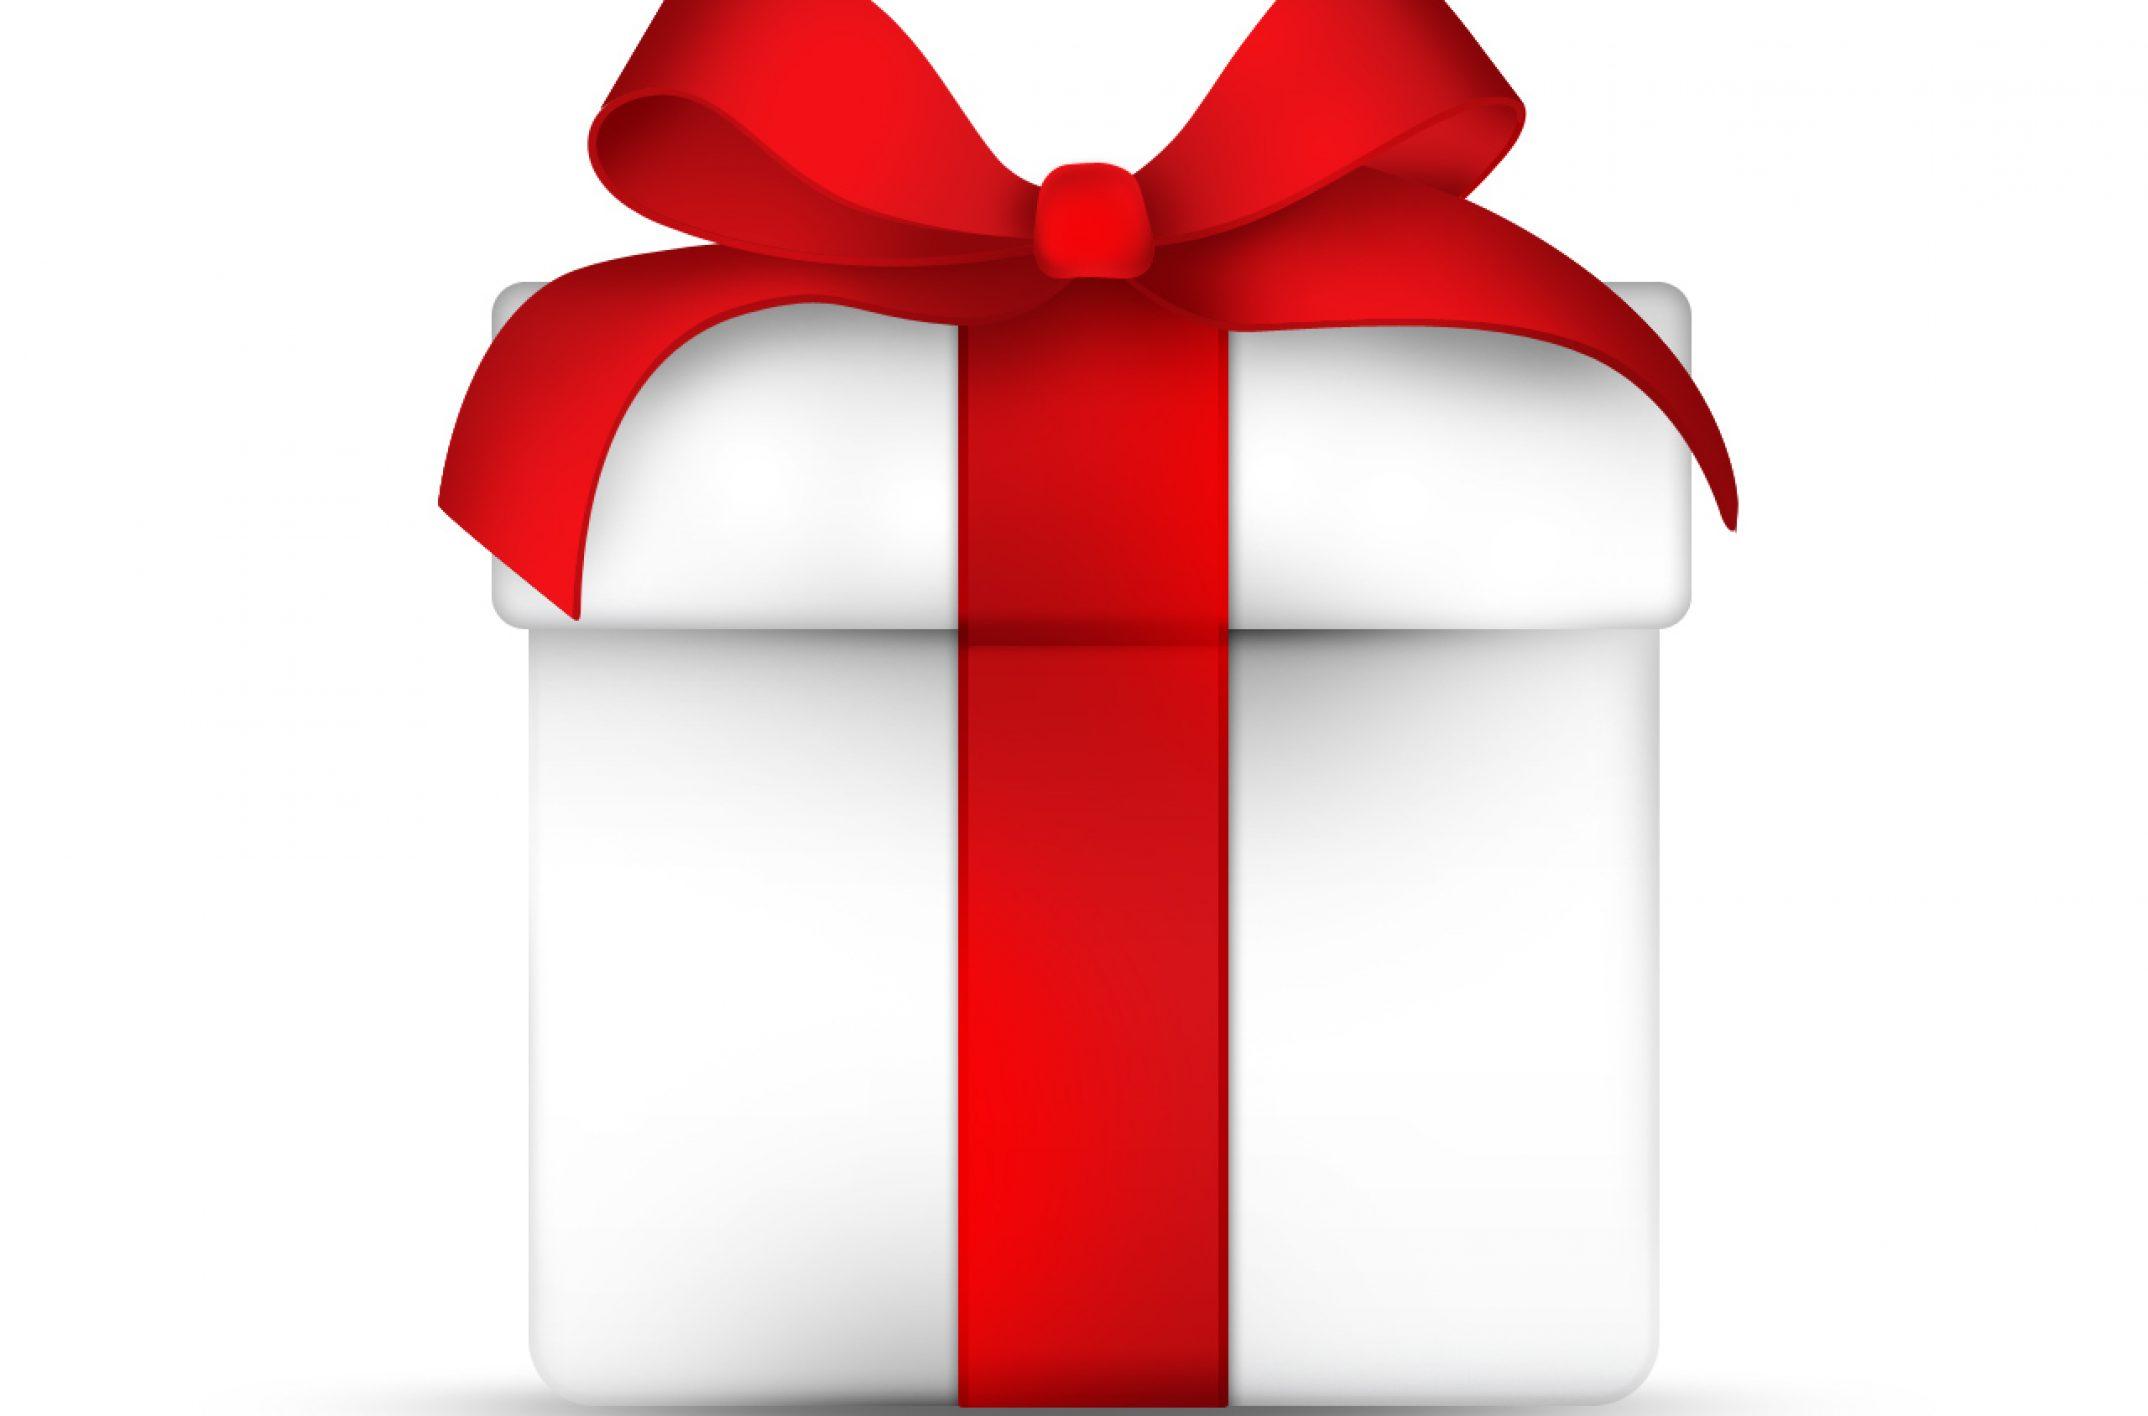 Comment gagner des cadeaux gratuitement ?